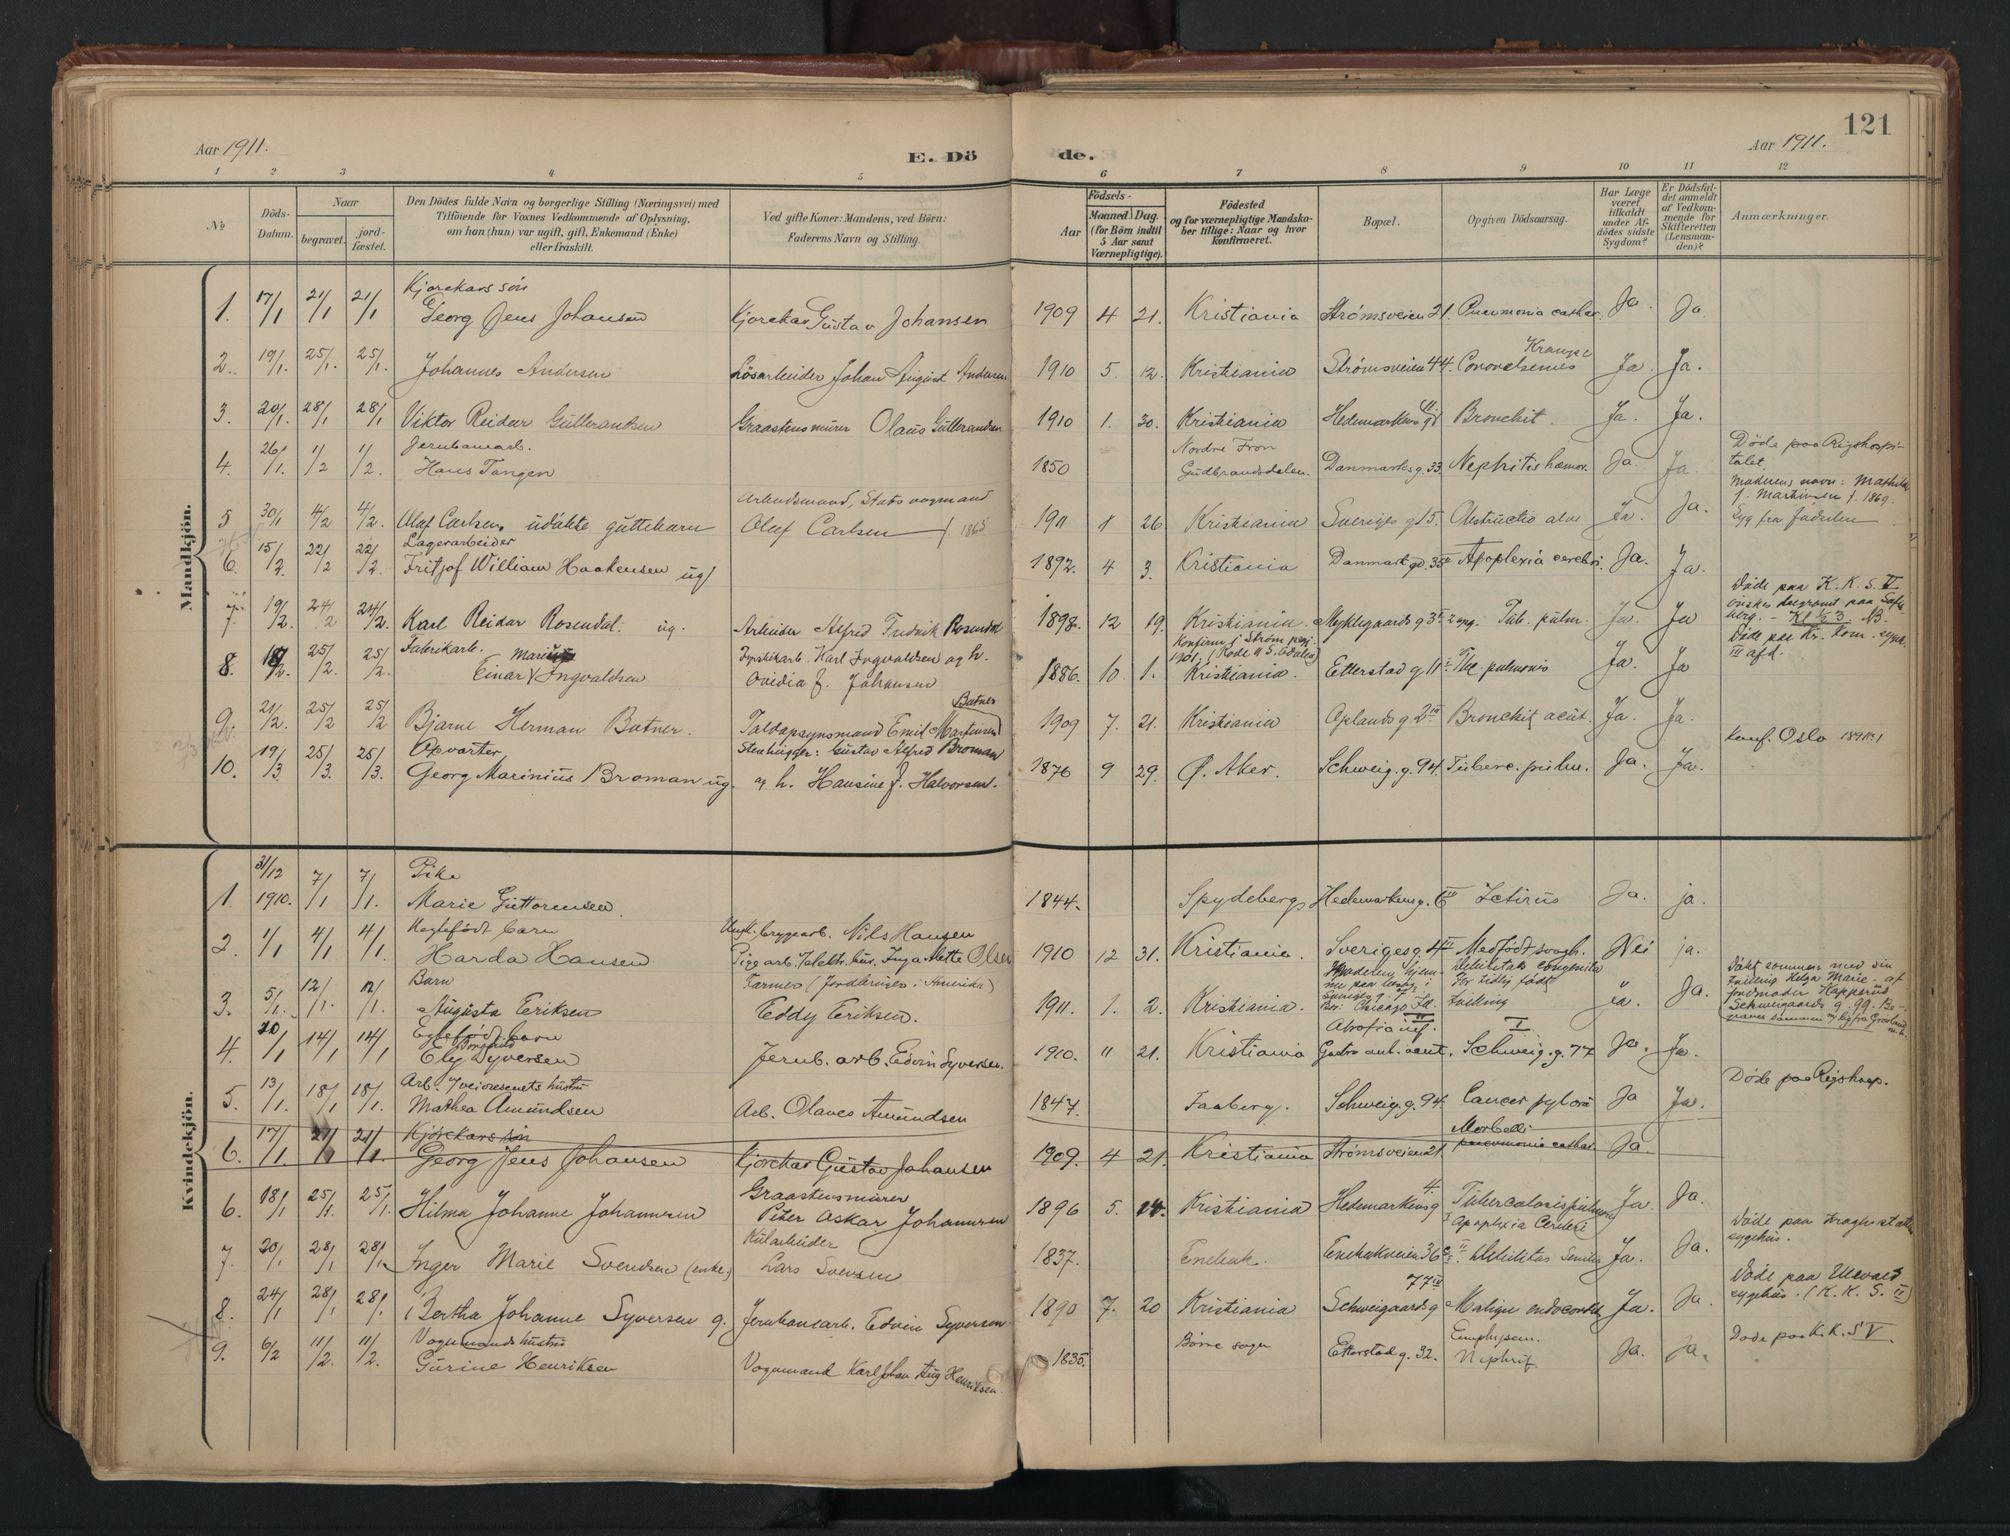 SAO, Vålerengen prestekontor Kirkebøker, F/Fa/L0003: Ministerialbok nr. 3, 1899-1930, s. 121